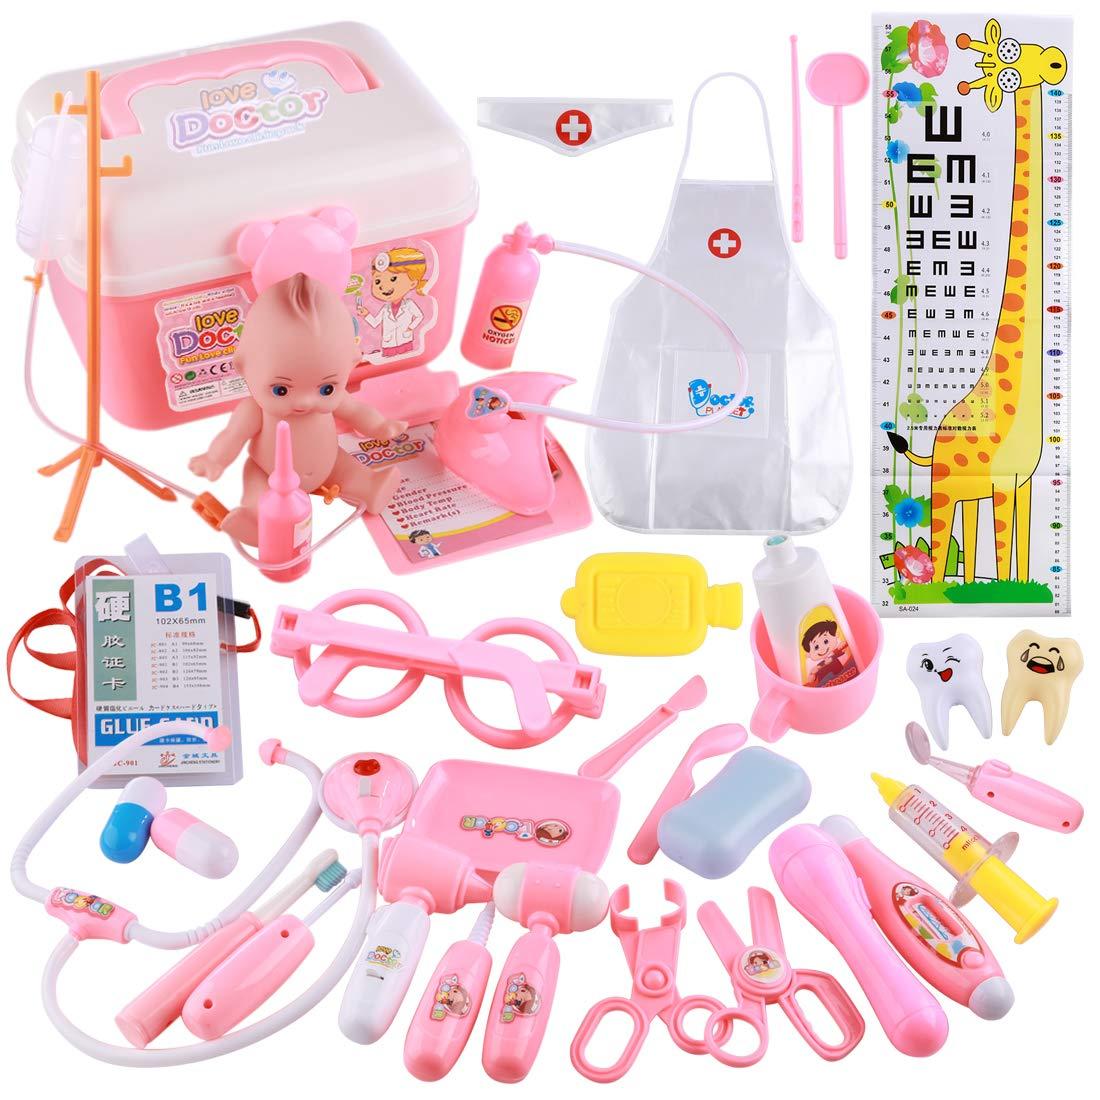 ANNA SHOP 37 Stü ck Arztkoffer Kinder Doktorkoffer Kinder Spielzeug ab 2 Jahre